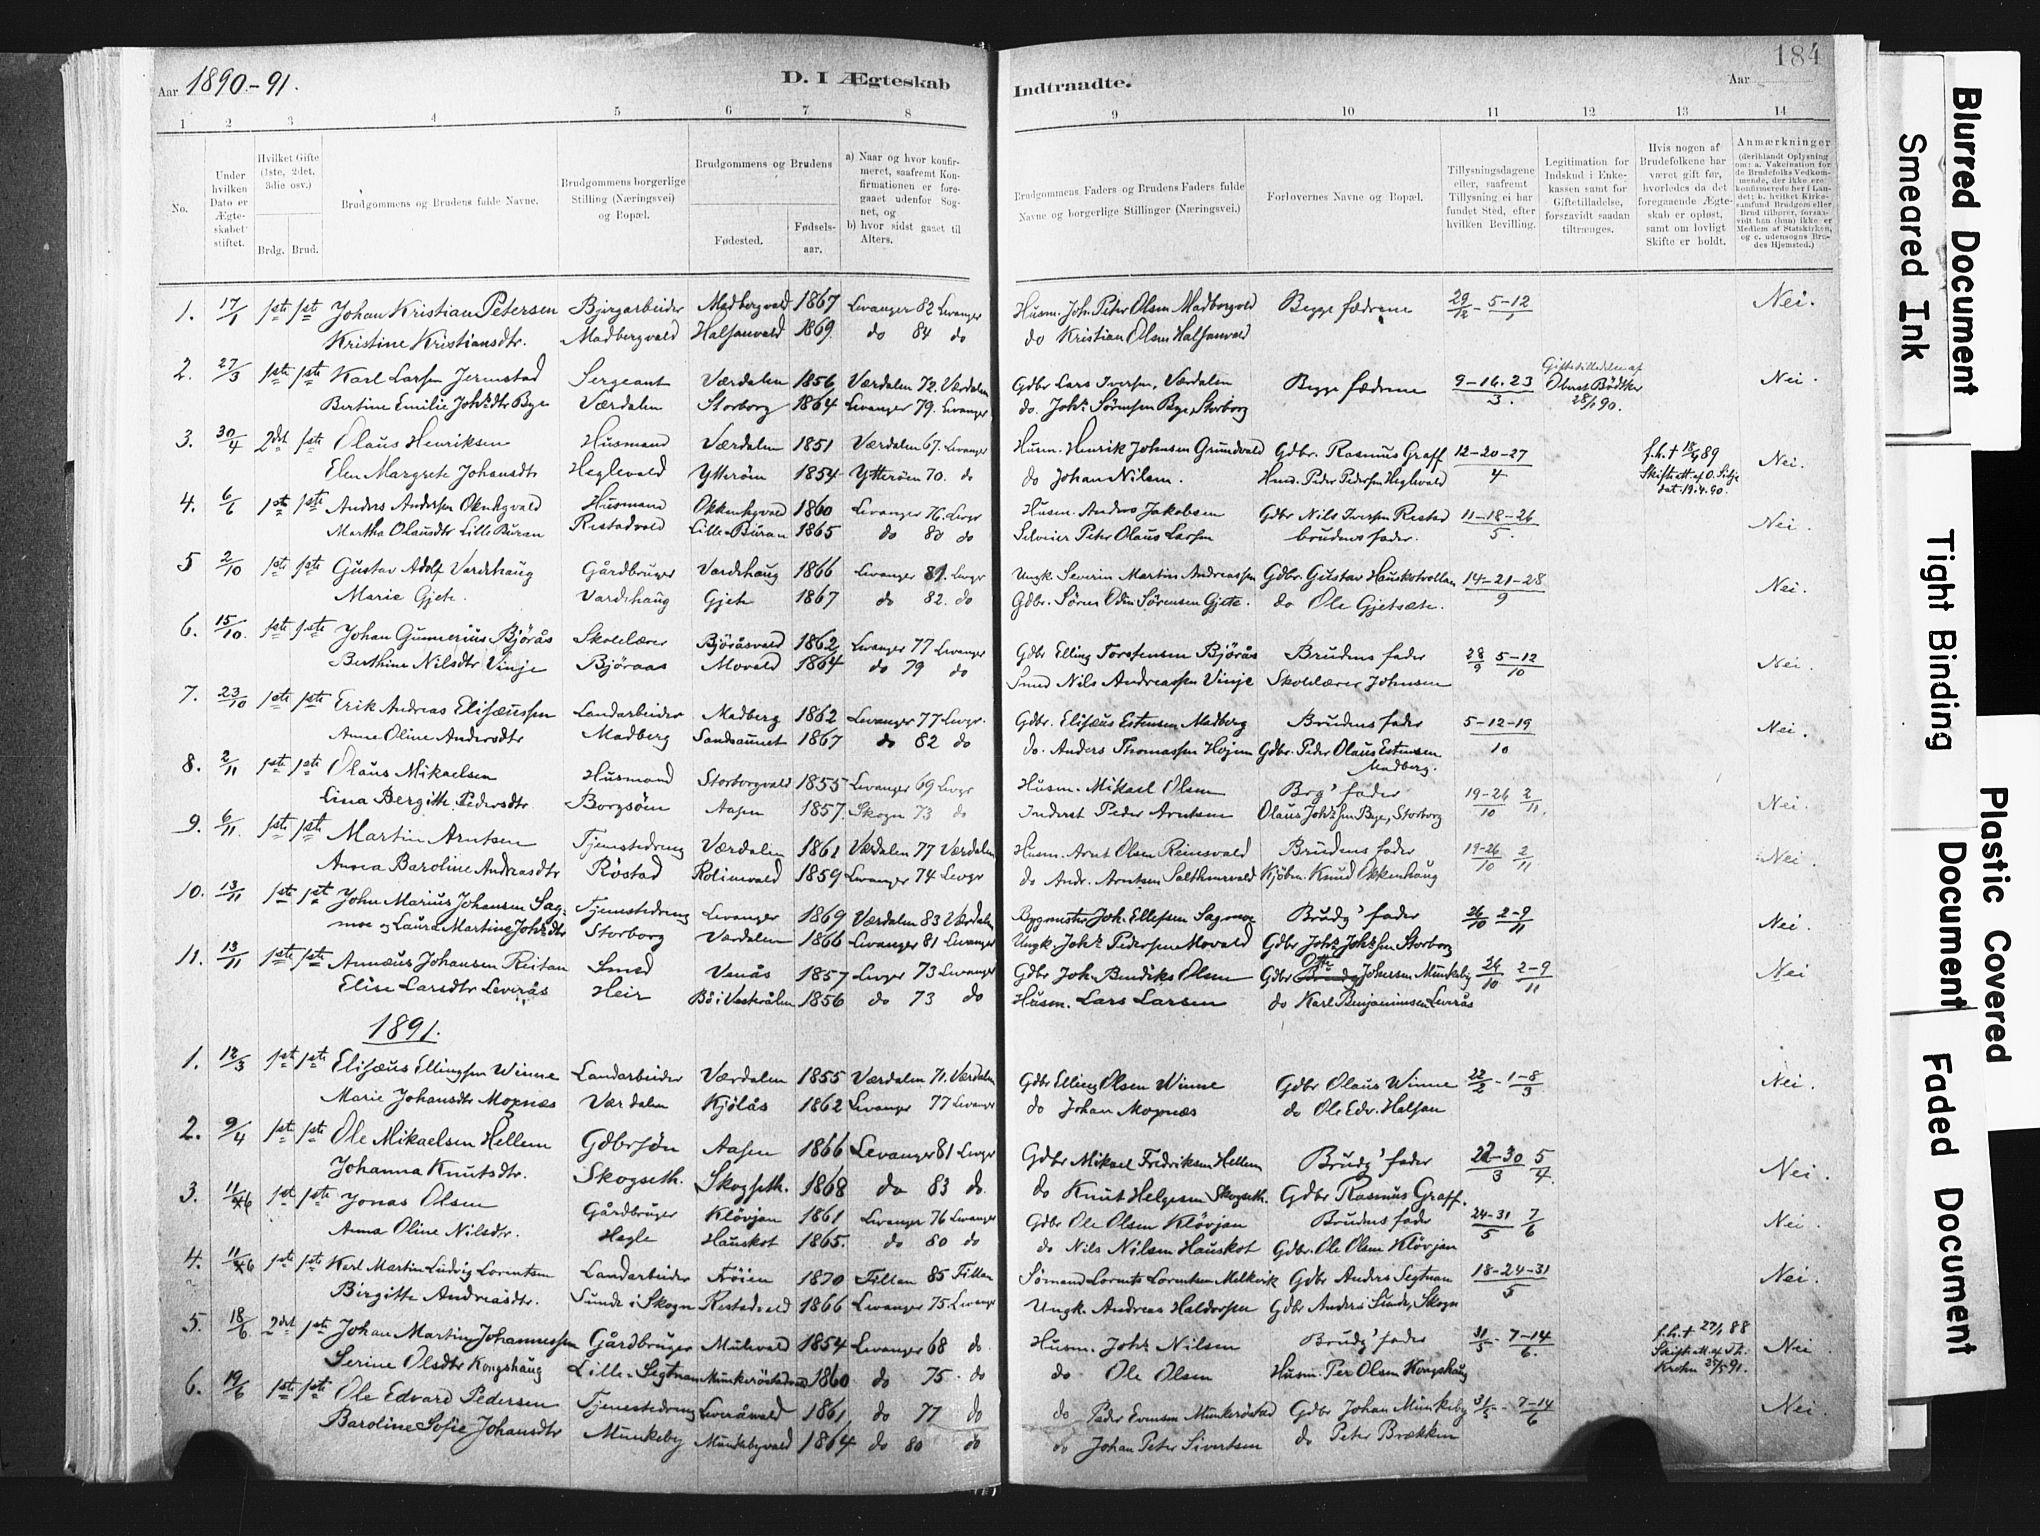 SAT, Ministerialprotokoller, klokkerbøker og fødselsregistre - Nord-Trøndelag, 721/L0207: Ministerialbok nr. 721A02, 1880-1911, s. 184